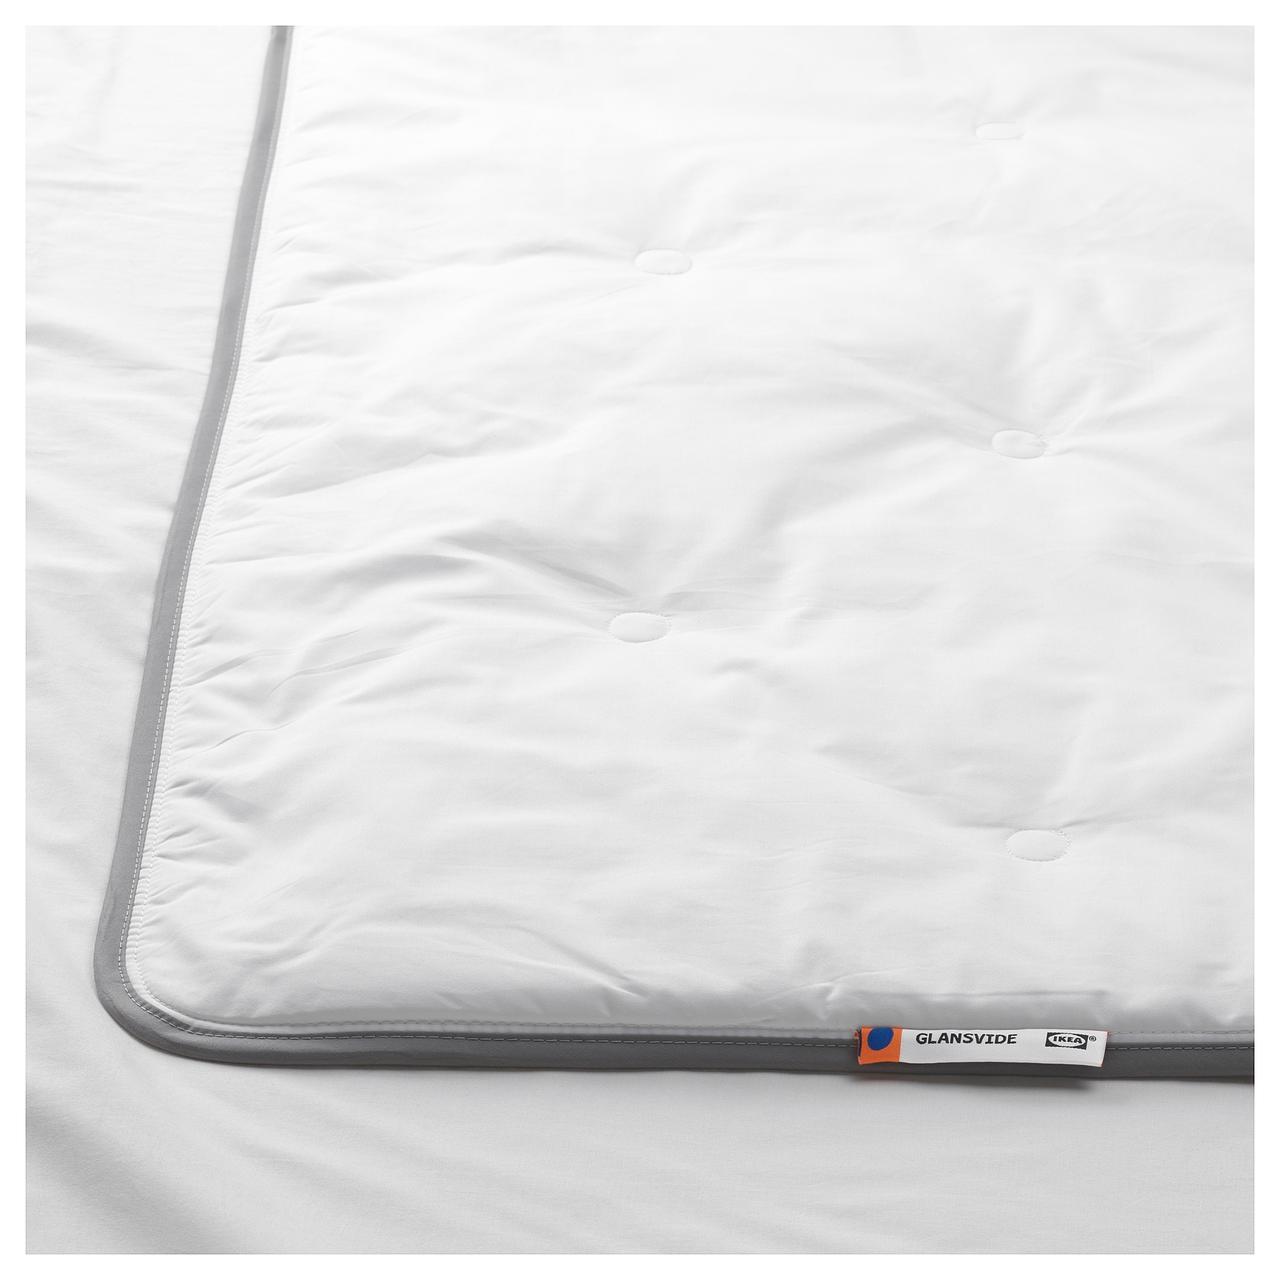 ГЛАНСВИДЕ Одеяло прохладное, белое, 200*200 см., 302.714.53